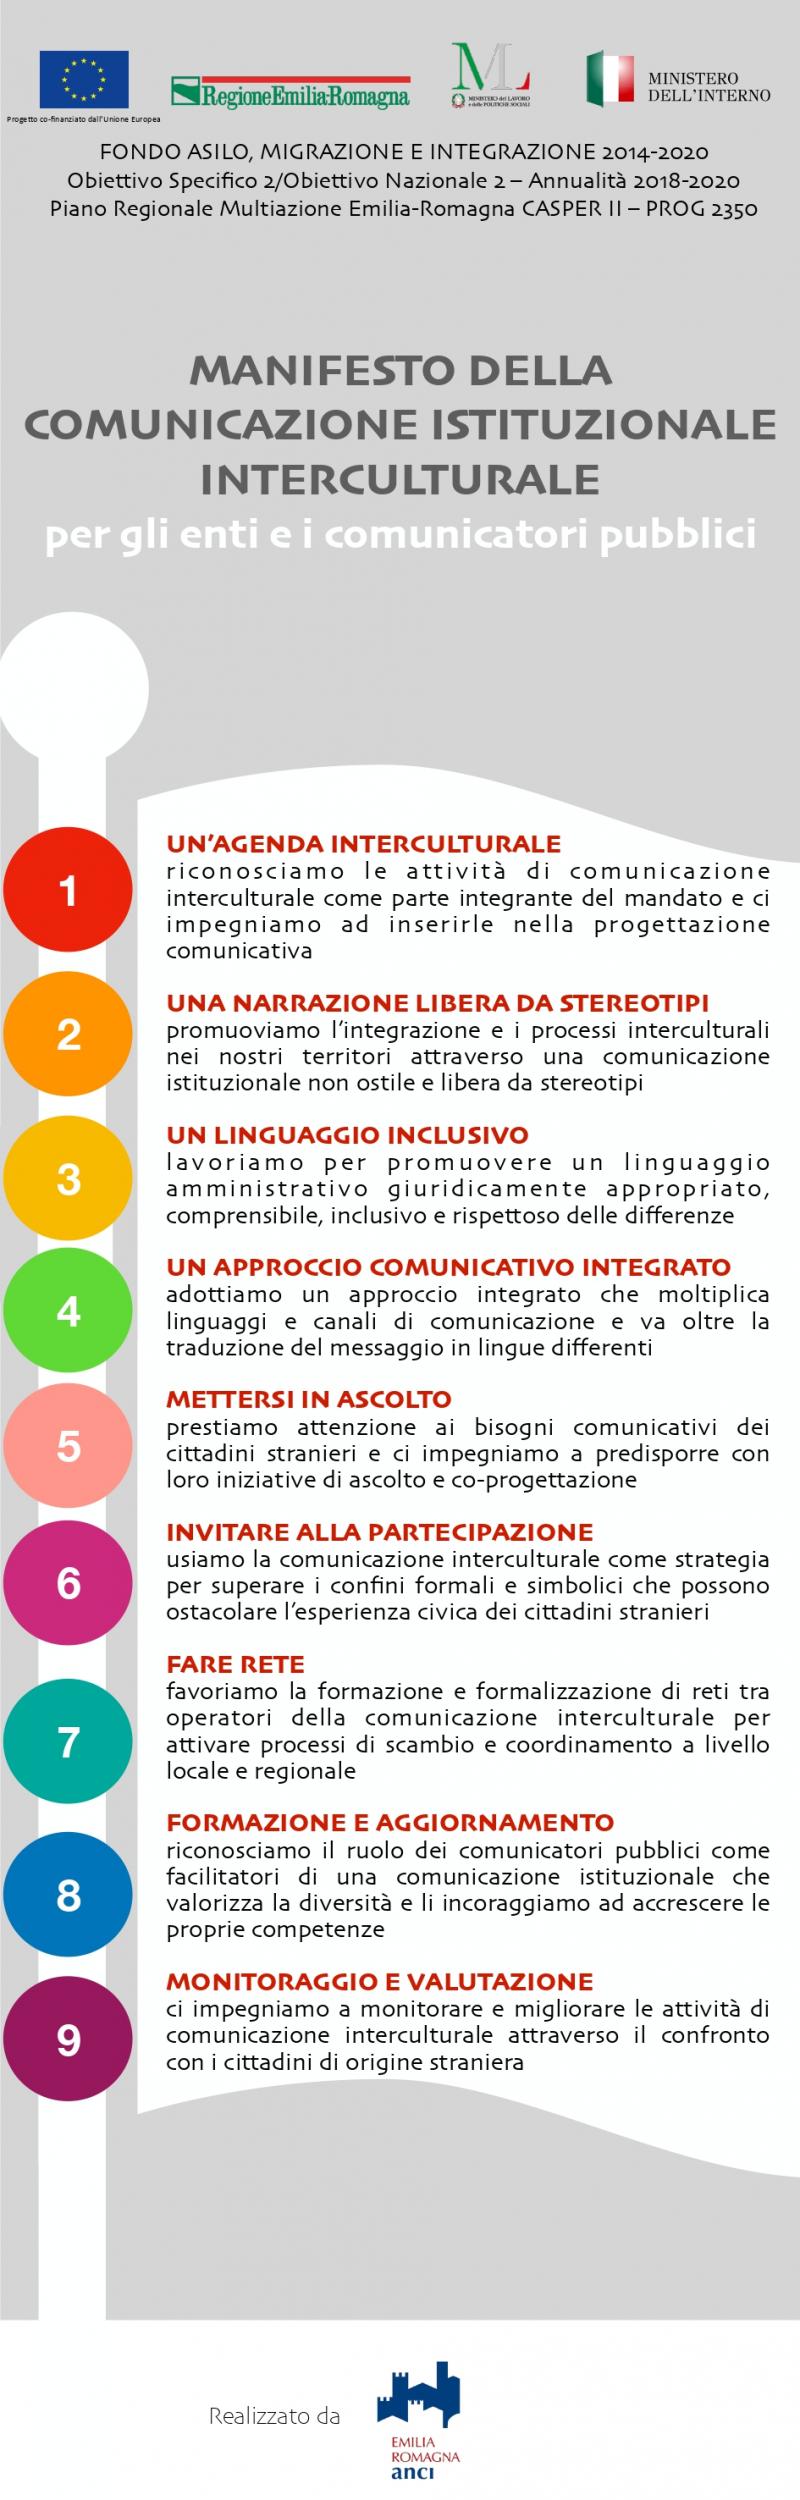 Manifesto della comunicazione istituzionale interculturale